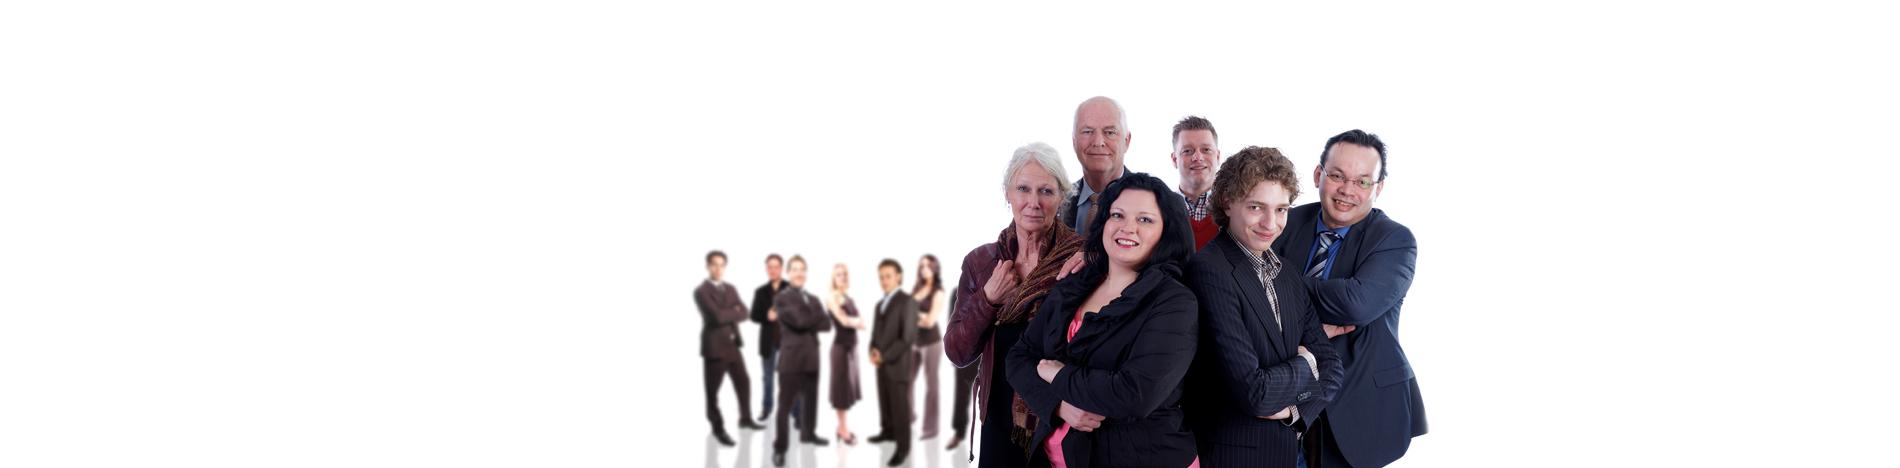 SVServicecenter - De partner in personeelszaken